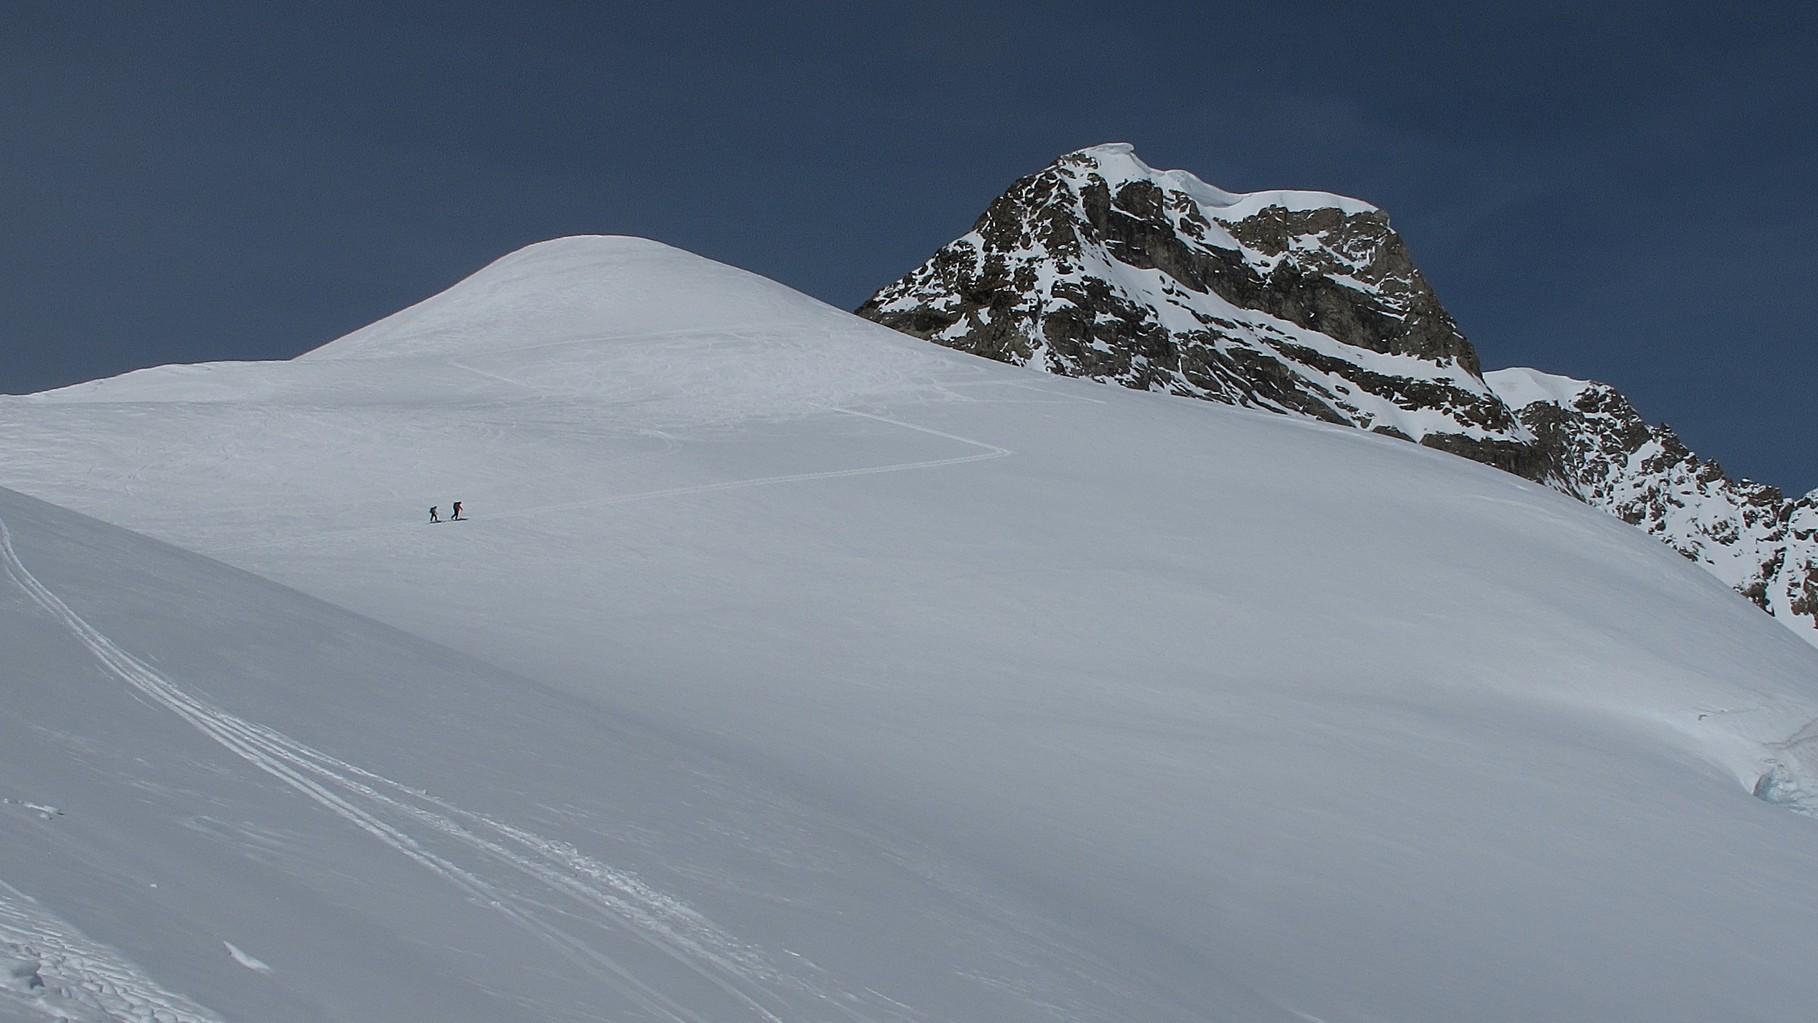 der Schneegipfel Louwihorn vor uns